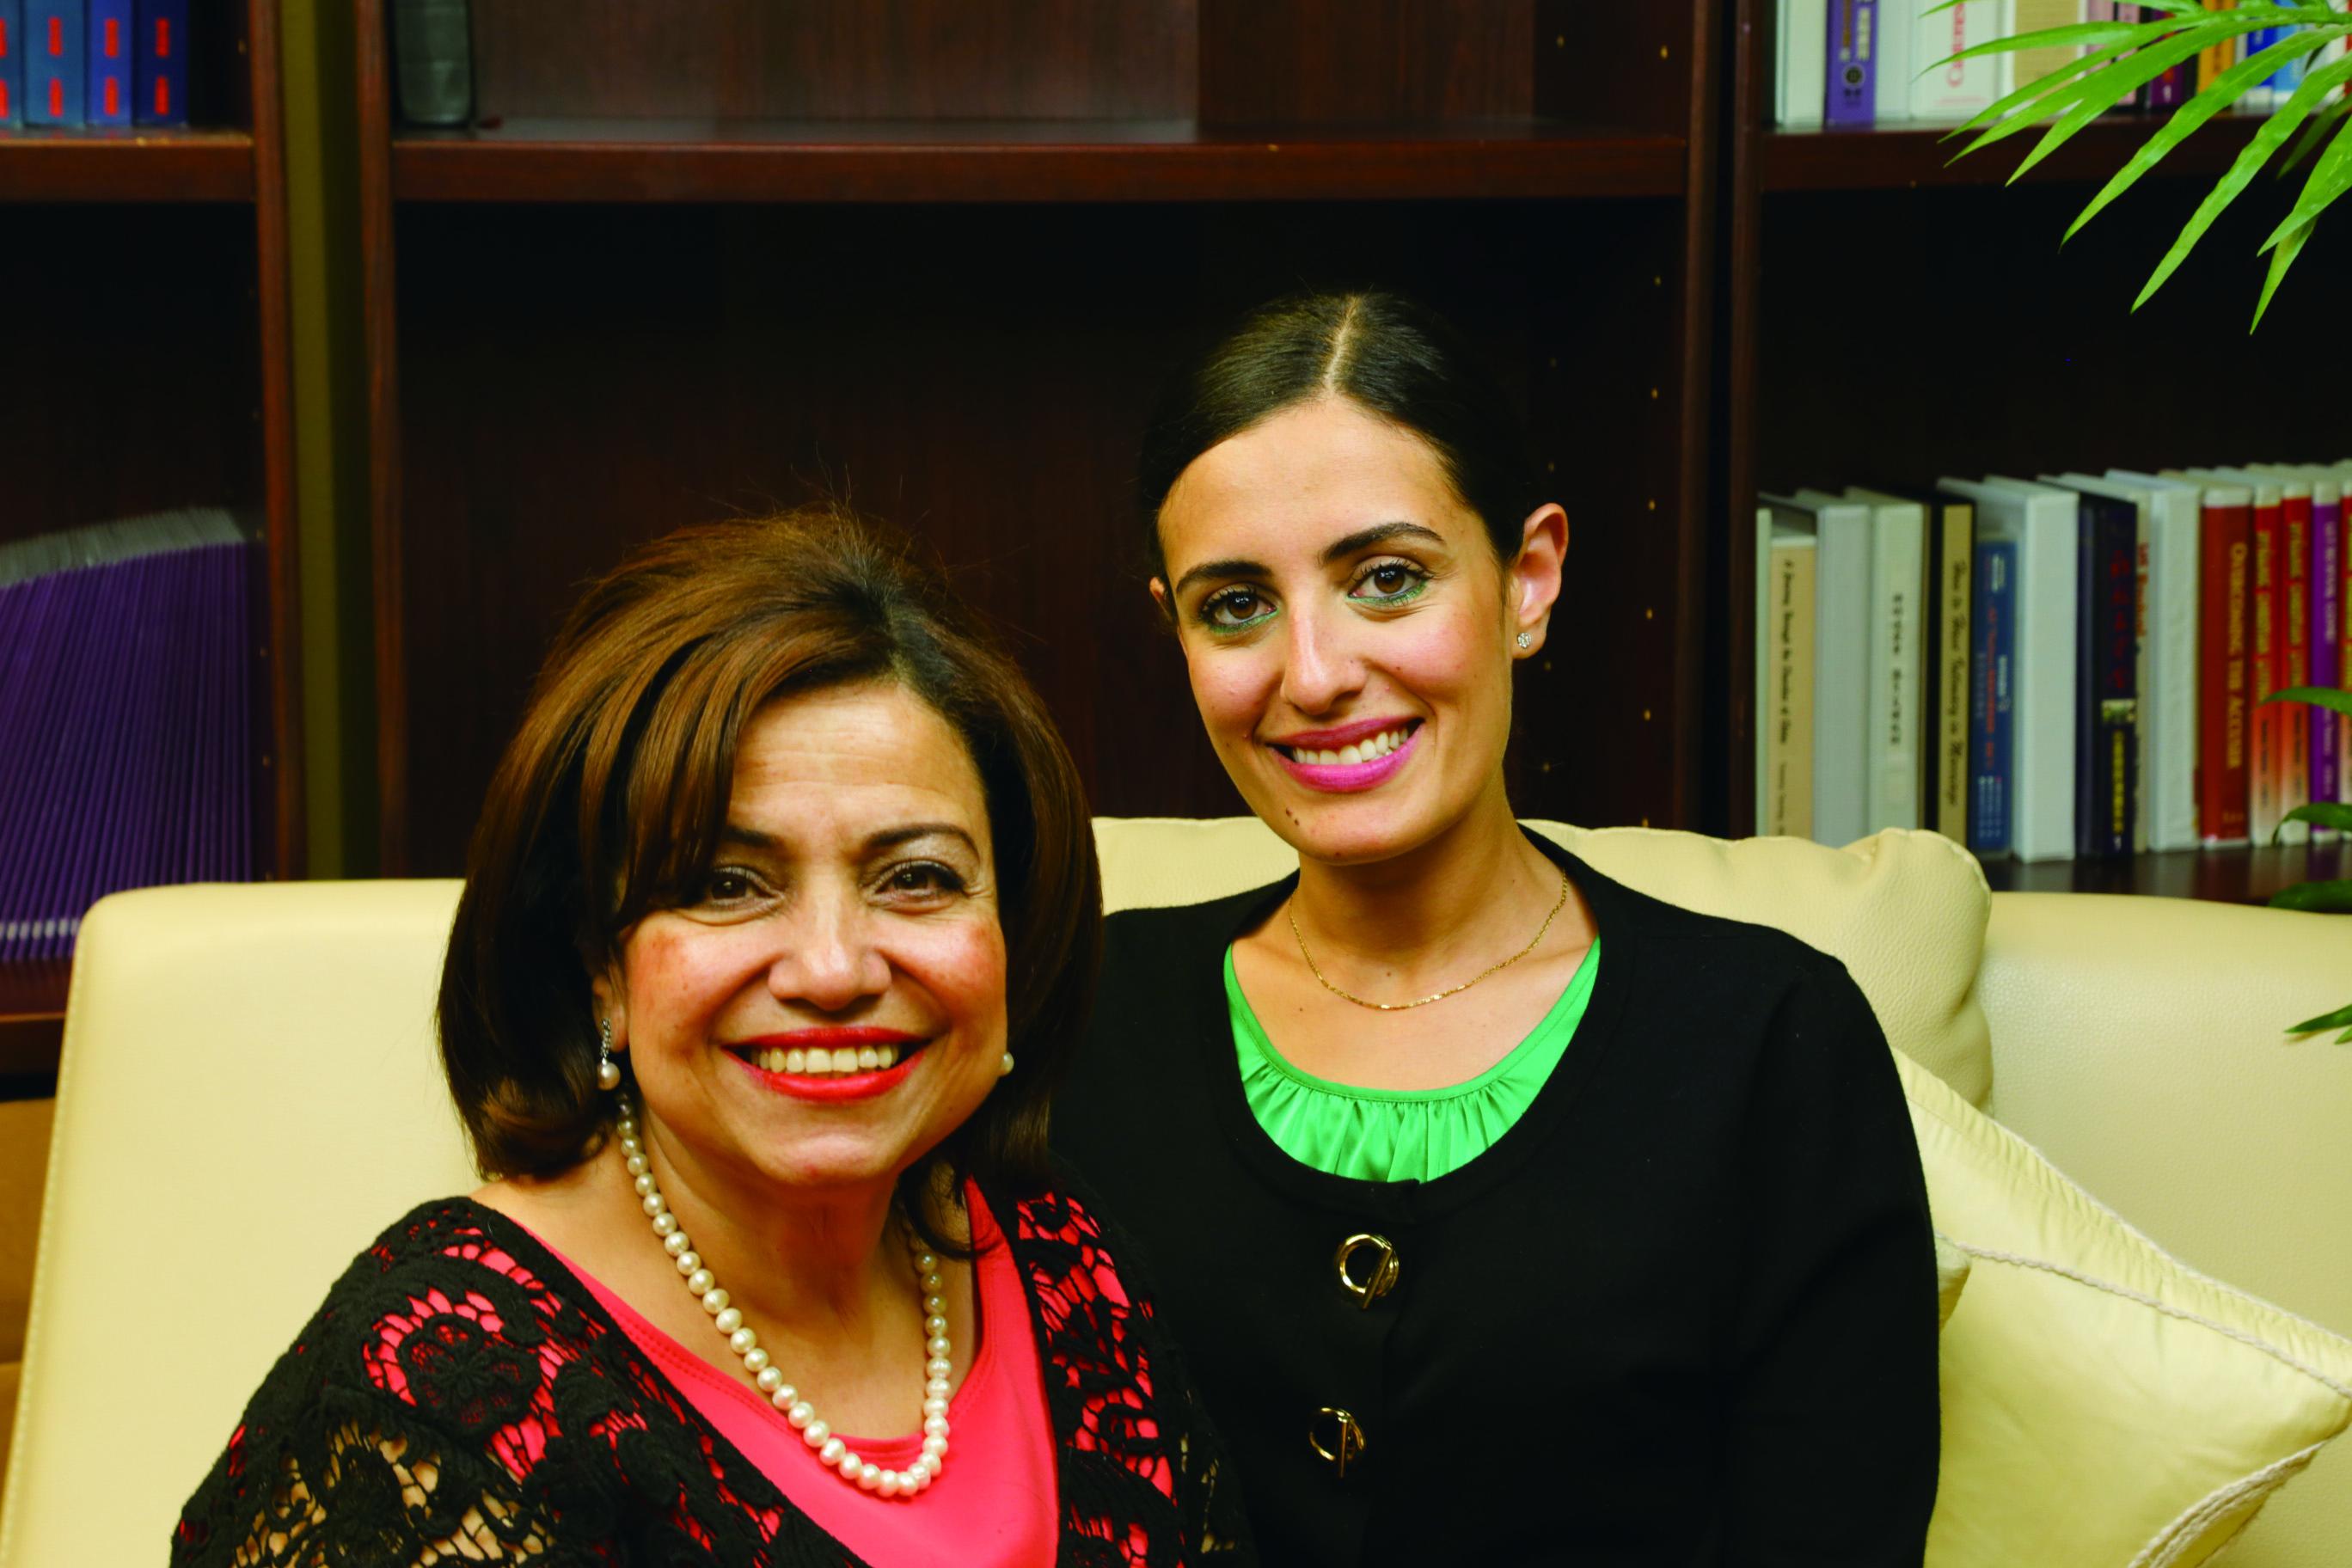 Dr. Yvette (左) 及 Jacqueline (右)